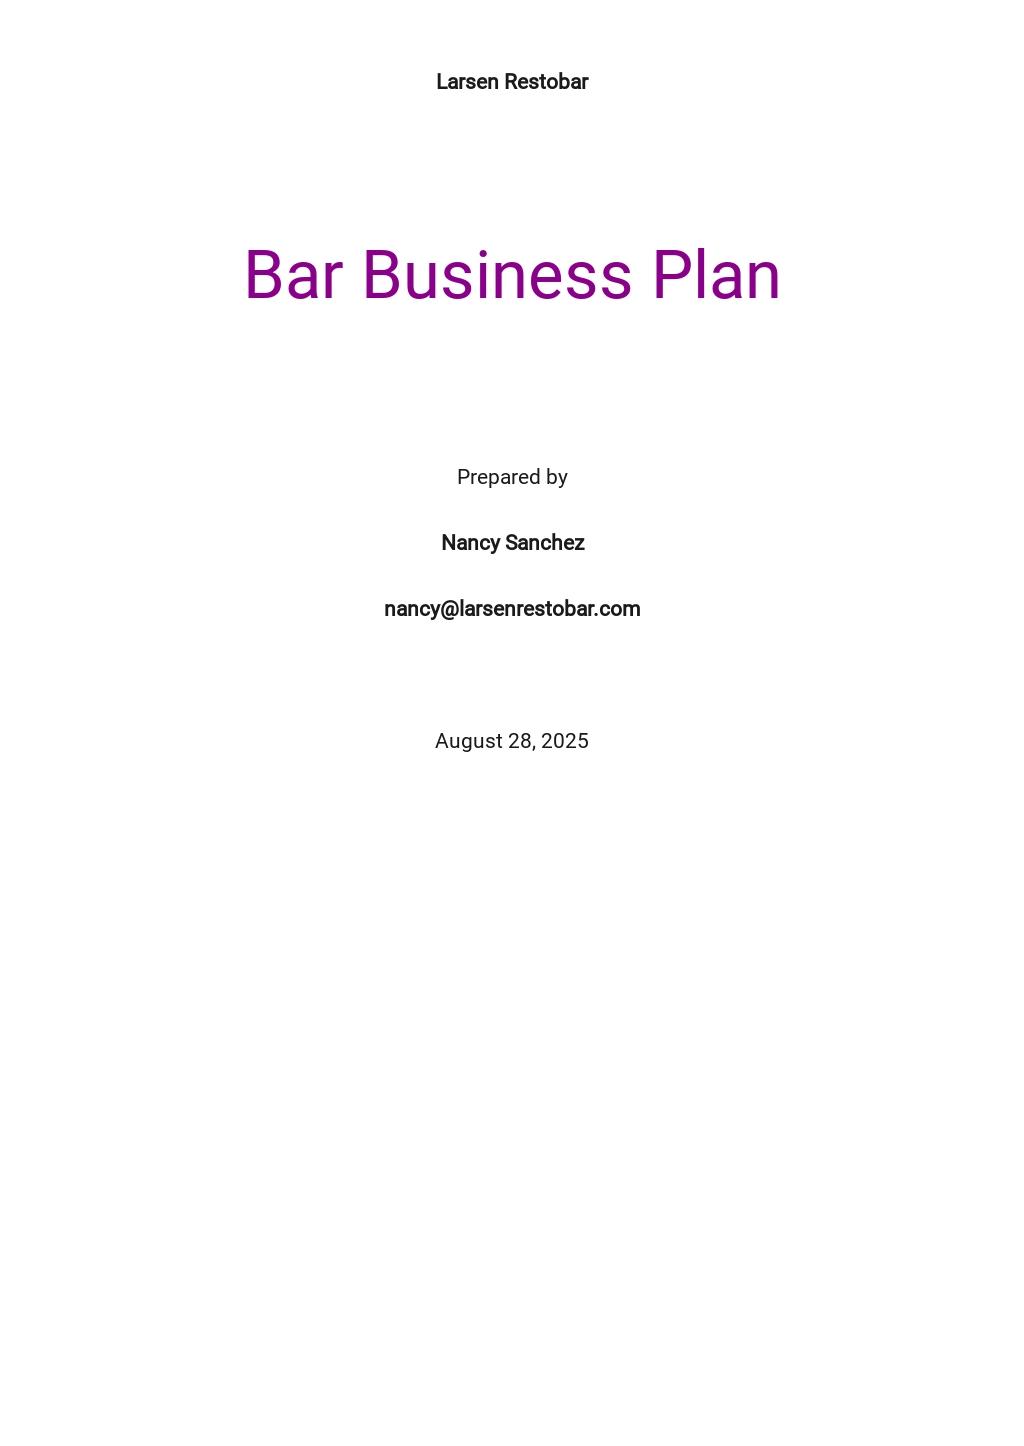 Bar Business Plan Template.jpe